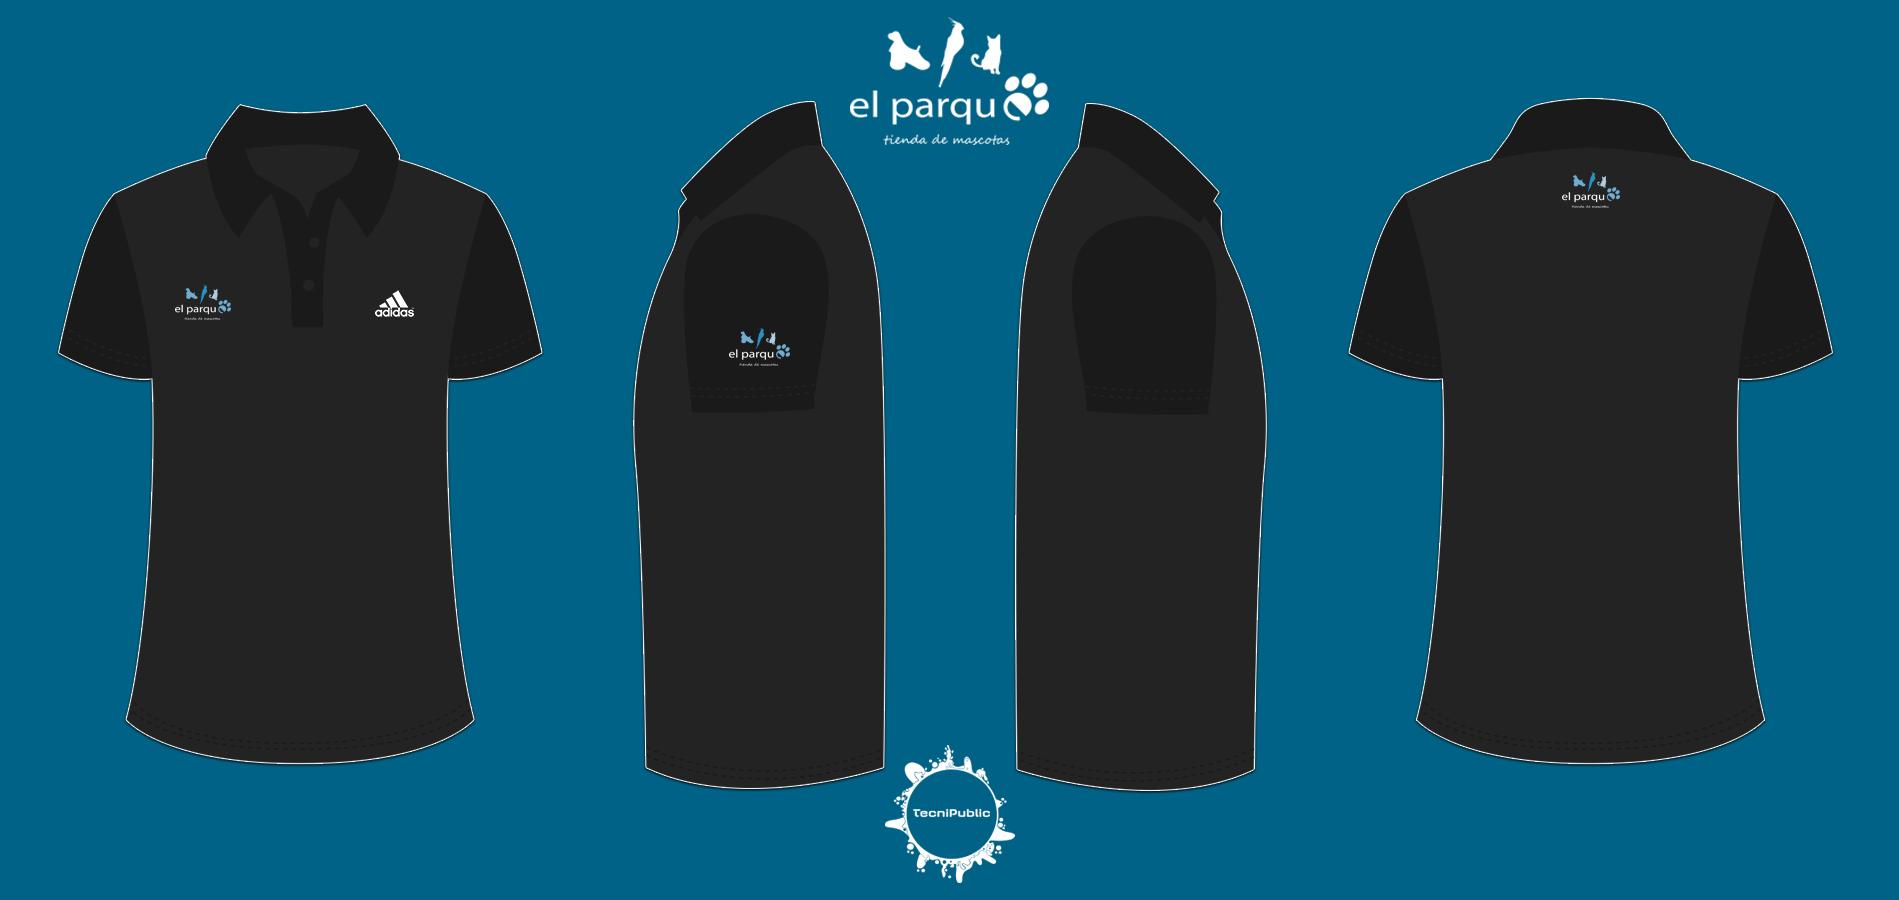 827f600e0a53c Camisas 2017 para la tienda de mascotas El Parque y NaturDog